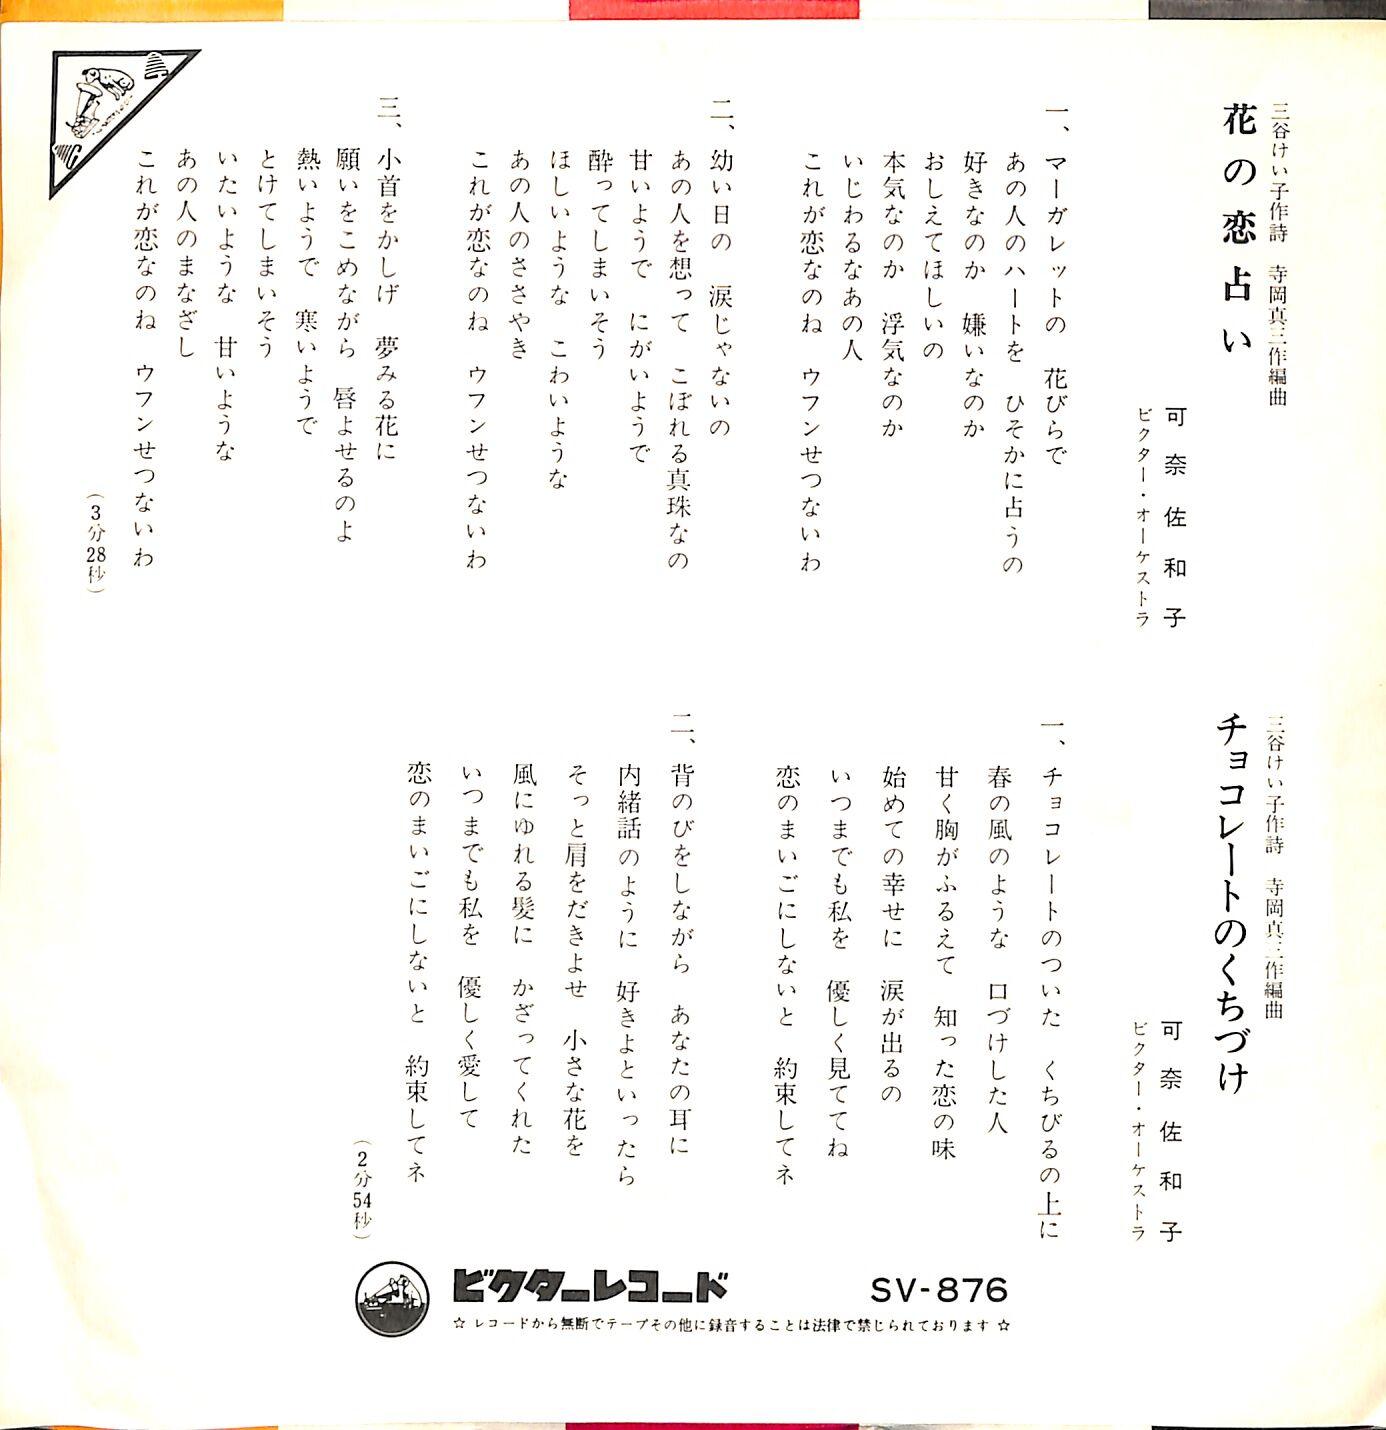 https://p1-e6eeae93.imageflux.jp/booksch/be5ace9f0eab6efc3ed8.jpg